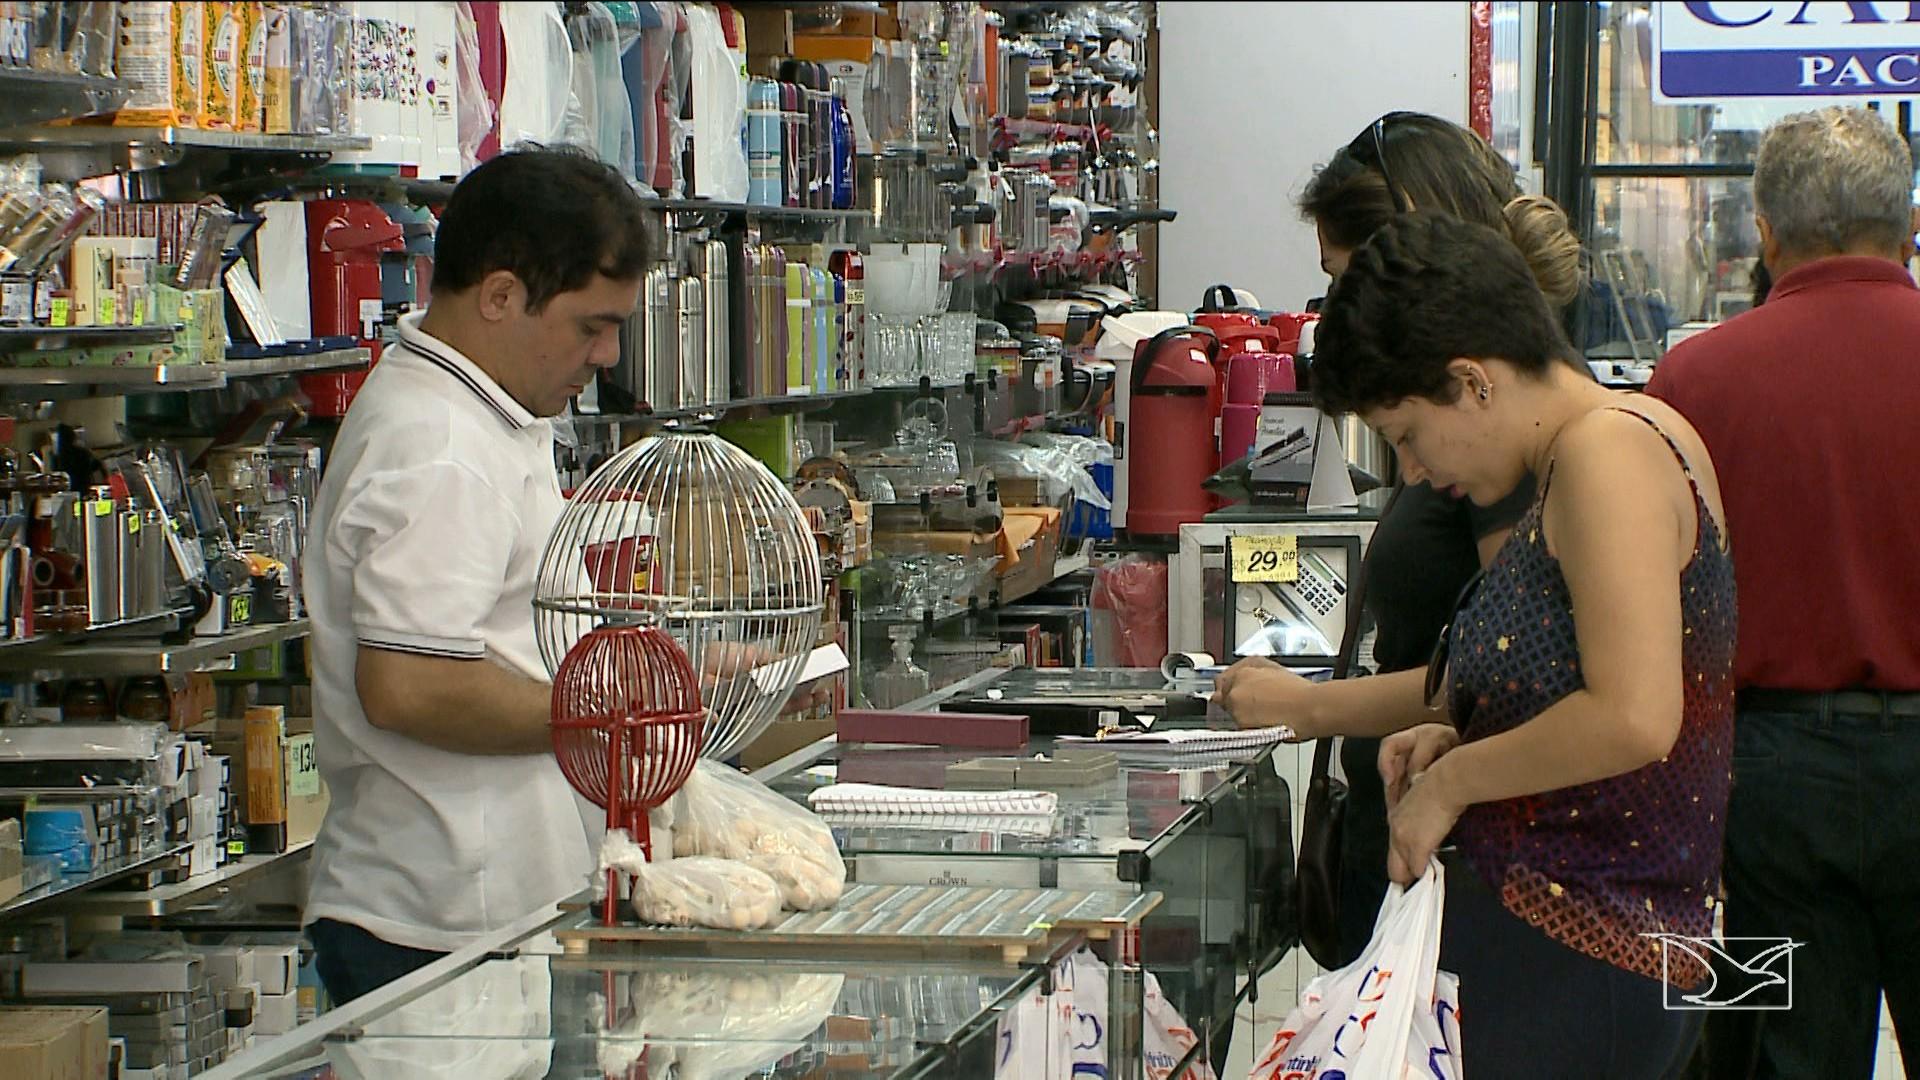 Emprego formal voltou a crescer no Pará, aponta estudo